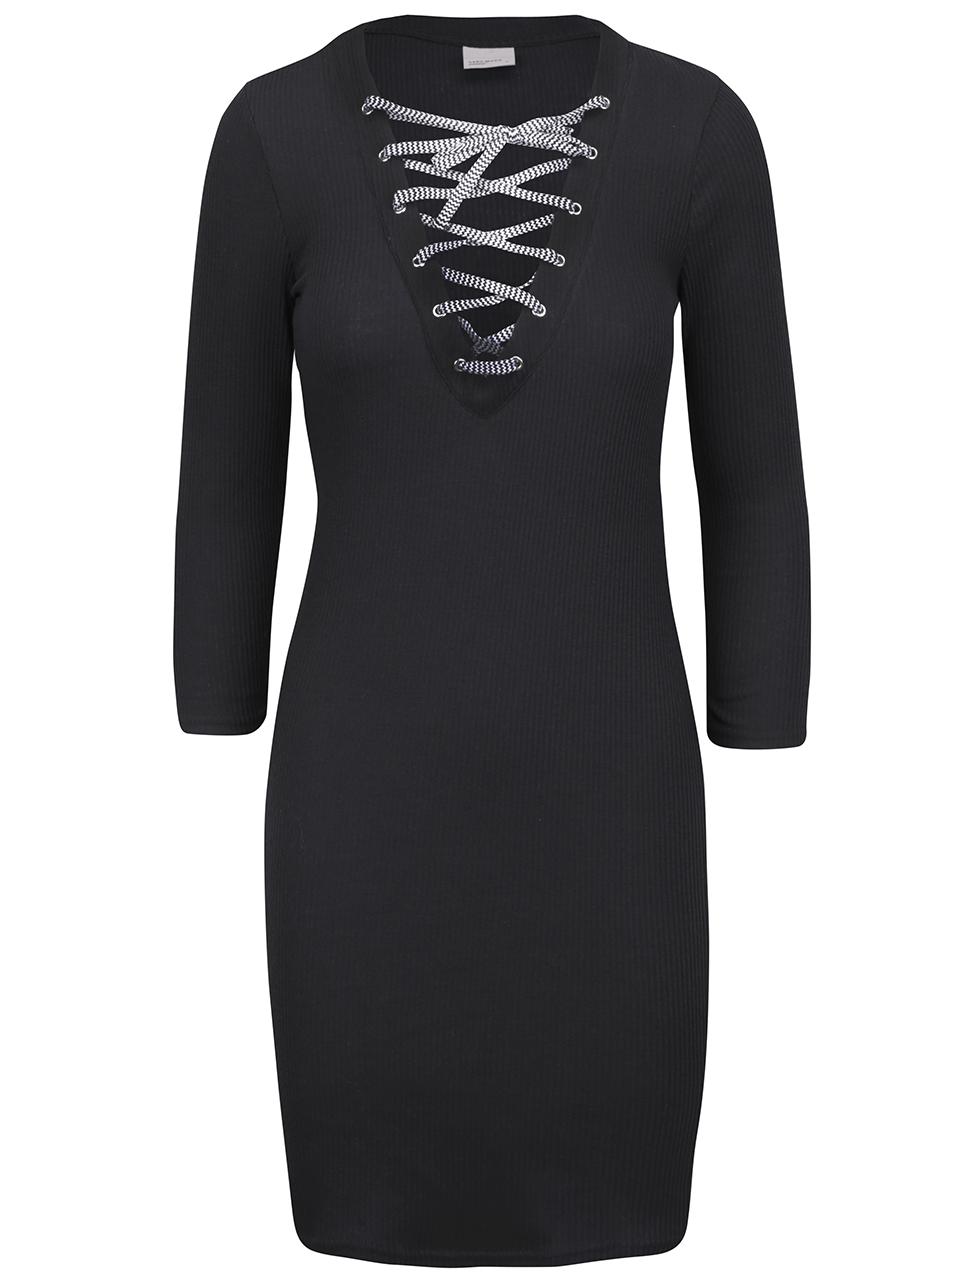 Černé dámské šaty se šněrovacím dekoltem Vero Moda 3b25ffe930